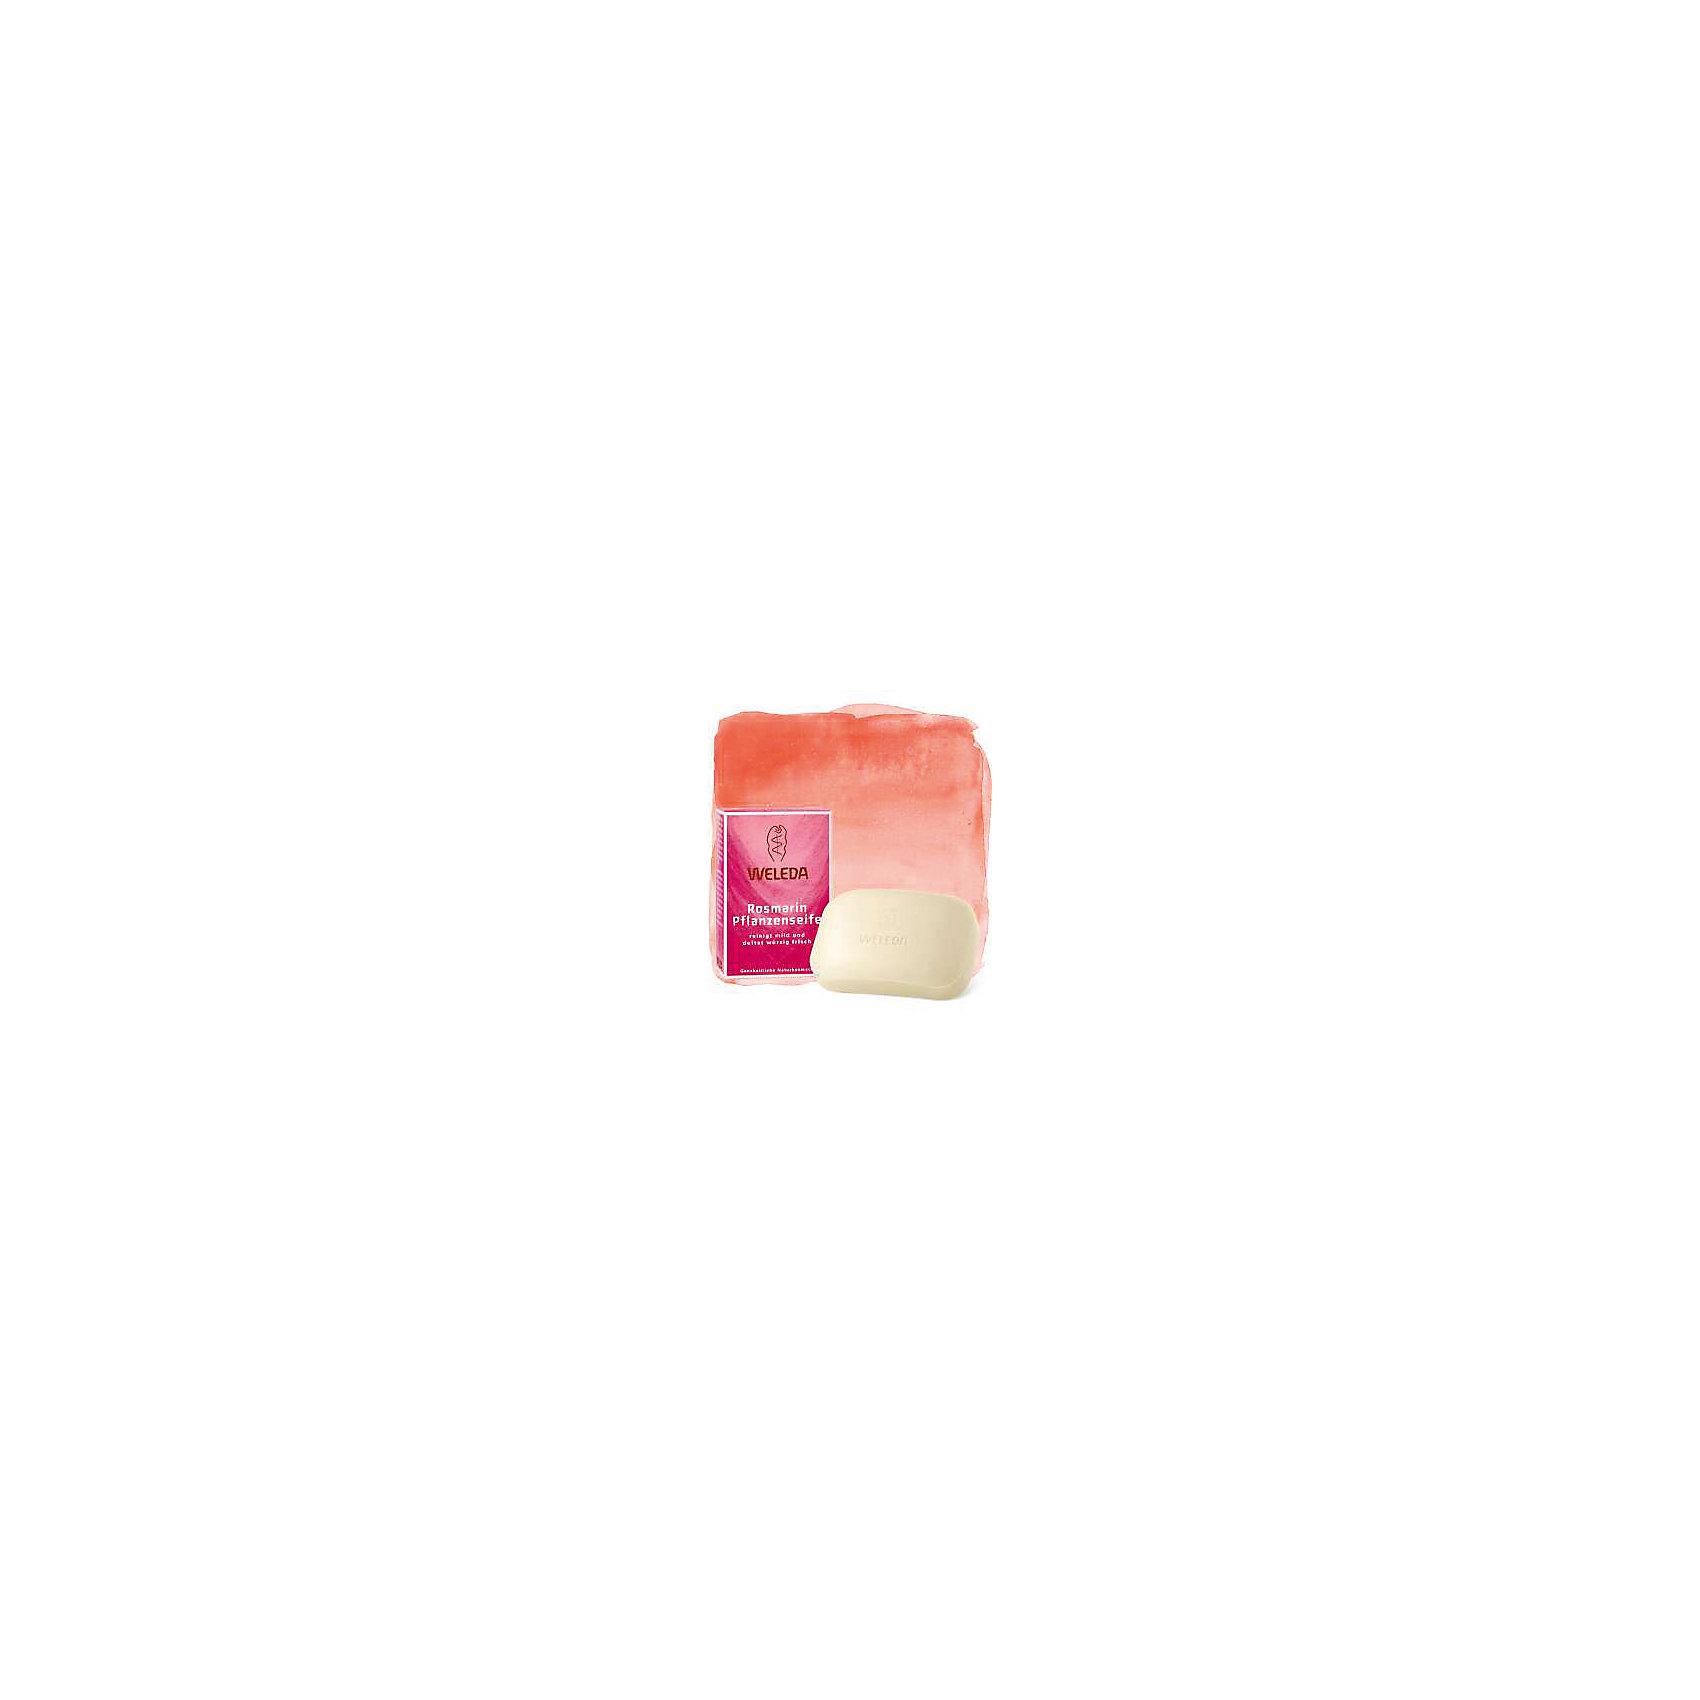 Мыло розмариновое, 100гр., WeledaХарактеристики:<br><br>• Тип средства: мыло <br>• Предназначение: для ухода за кожей, для утреннего умывания<br>• Пол: универсальный<br>• Объем: 100 гр<br>• Подходит для чувствительной кожи<br>• Форма выпуска: твердое<br>• Состав: вода, глицерин, экстракт розмарина, ромашки, фиалки трехцветной, вытяжки из натуральных масел и др.<br>• Упаковка: картонная коробка<br>• Размер упаковка: 3*2,5*2 см<br>• Вес в упаковке: 180 г<br>• Средство имеет сертификаты Natrue, Vegan<br>• Особенности хранения: хранить в прохладном темном месте <br><br>Мыло розмариновое растительное, 100 гр., Weleda разработано немецким производителем косметических и гигиенических средств натурального происхождения. Средство состоит из натуральных компонентов, которые выращены под контролем качества компании-производителя. Микроэлементы получены по инновационной технологии, которая обеспечивает сохранение полезных свойств натуральных эфирных масел. <br><br>Мыло предназначено для бережного очищения кожи лица и рук. При намыливании образуется нежная и мягкая пена. При применении мыла розмаринового растительного, 100 гр., Weleda не появляется чувство стянутости и сухости кожи.<br><br>Мыло розмариновое растительное, 100 гр., Weleda можно купить в нашем интернет-магазине.<br><br>Ширина мм: 30<br>Глубина мм: 25<br>Высота мм: 20<br>Вес г: 100<br>Возраст от месяцев: 216<br>Возраст до месяцев: 1188<br>Пол: Унисекс<br>Возраст: Детский<br>SKU: 5399001